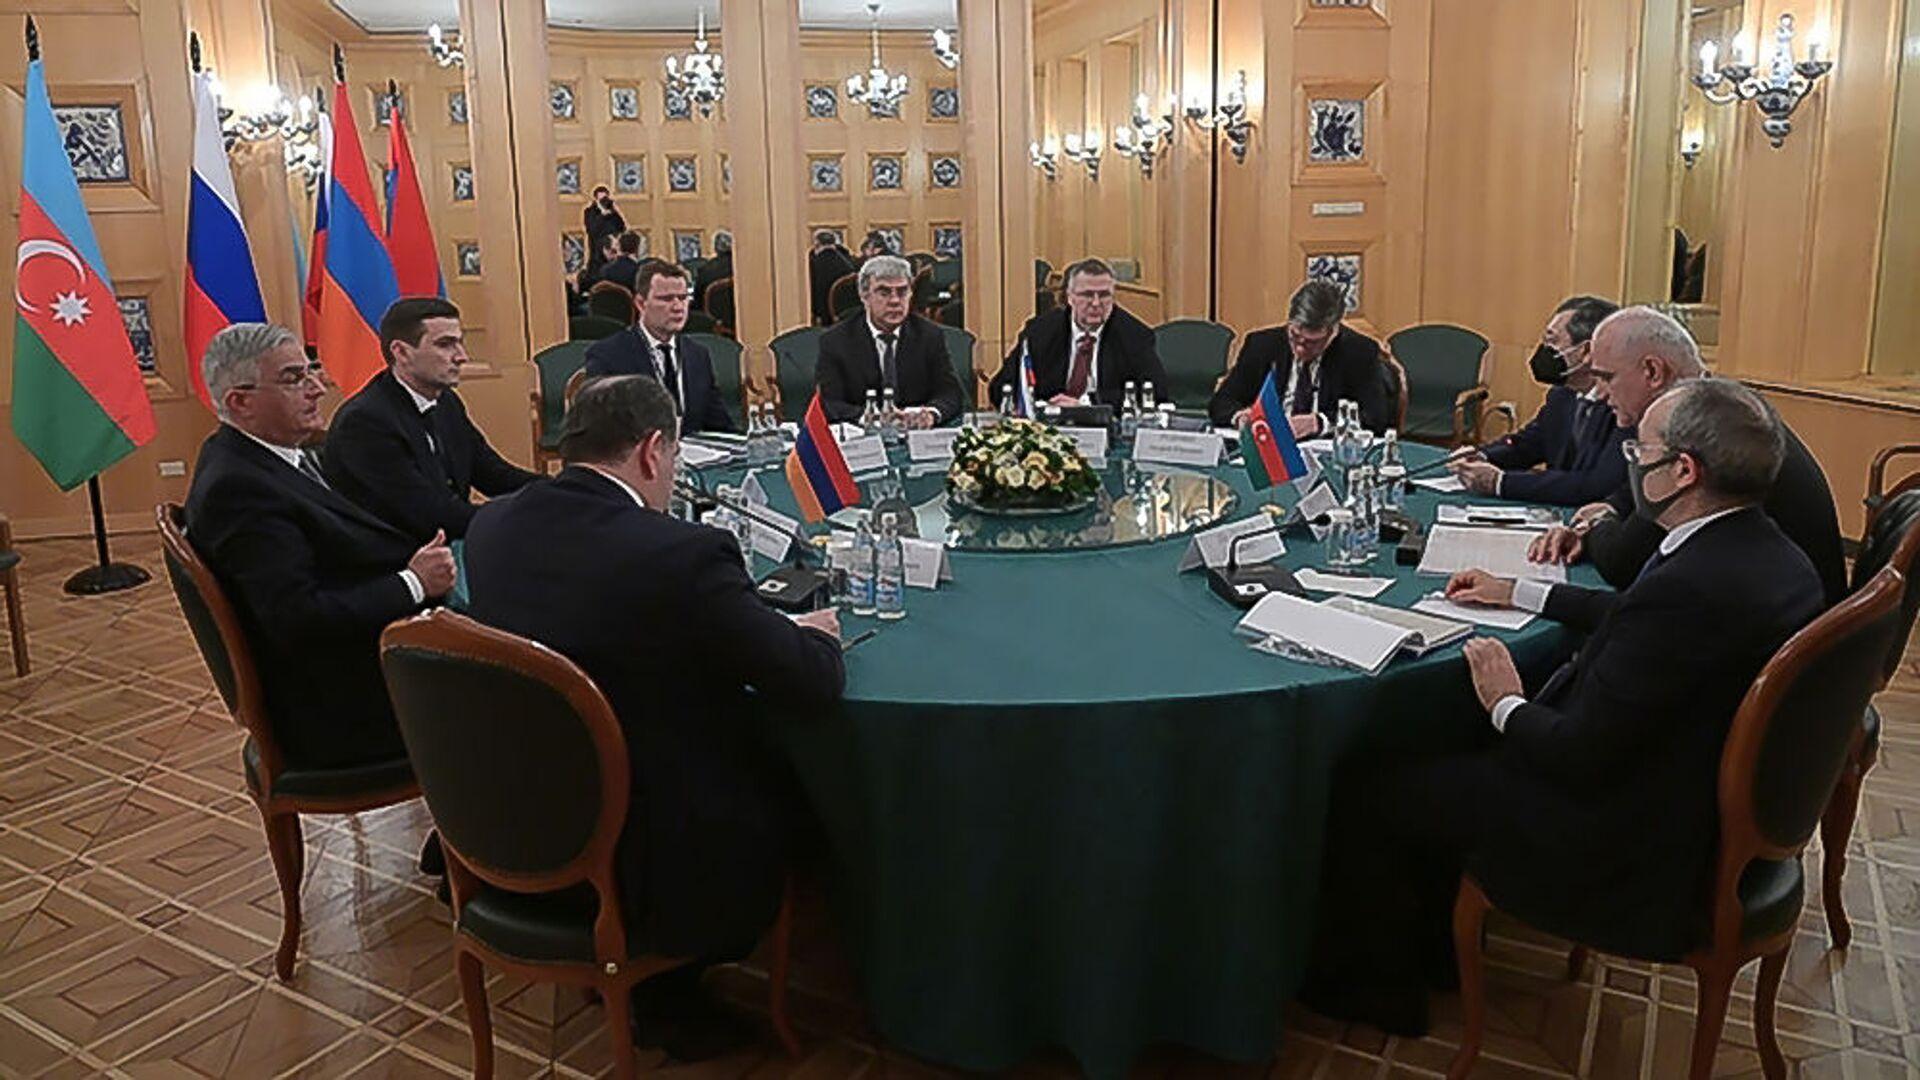 Заседание трёхсторонней Рабочей группы под совместным председательством вице-премьеров Армении, Азербайджана и России (30 января 2021). Москвa - Sputnik Армения, 1920, 27.09.2021